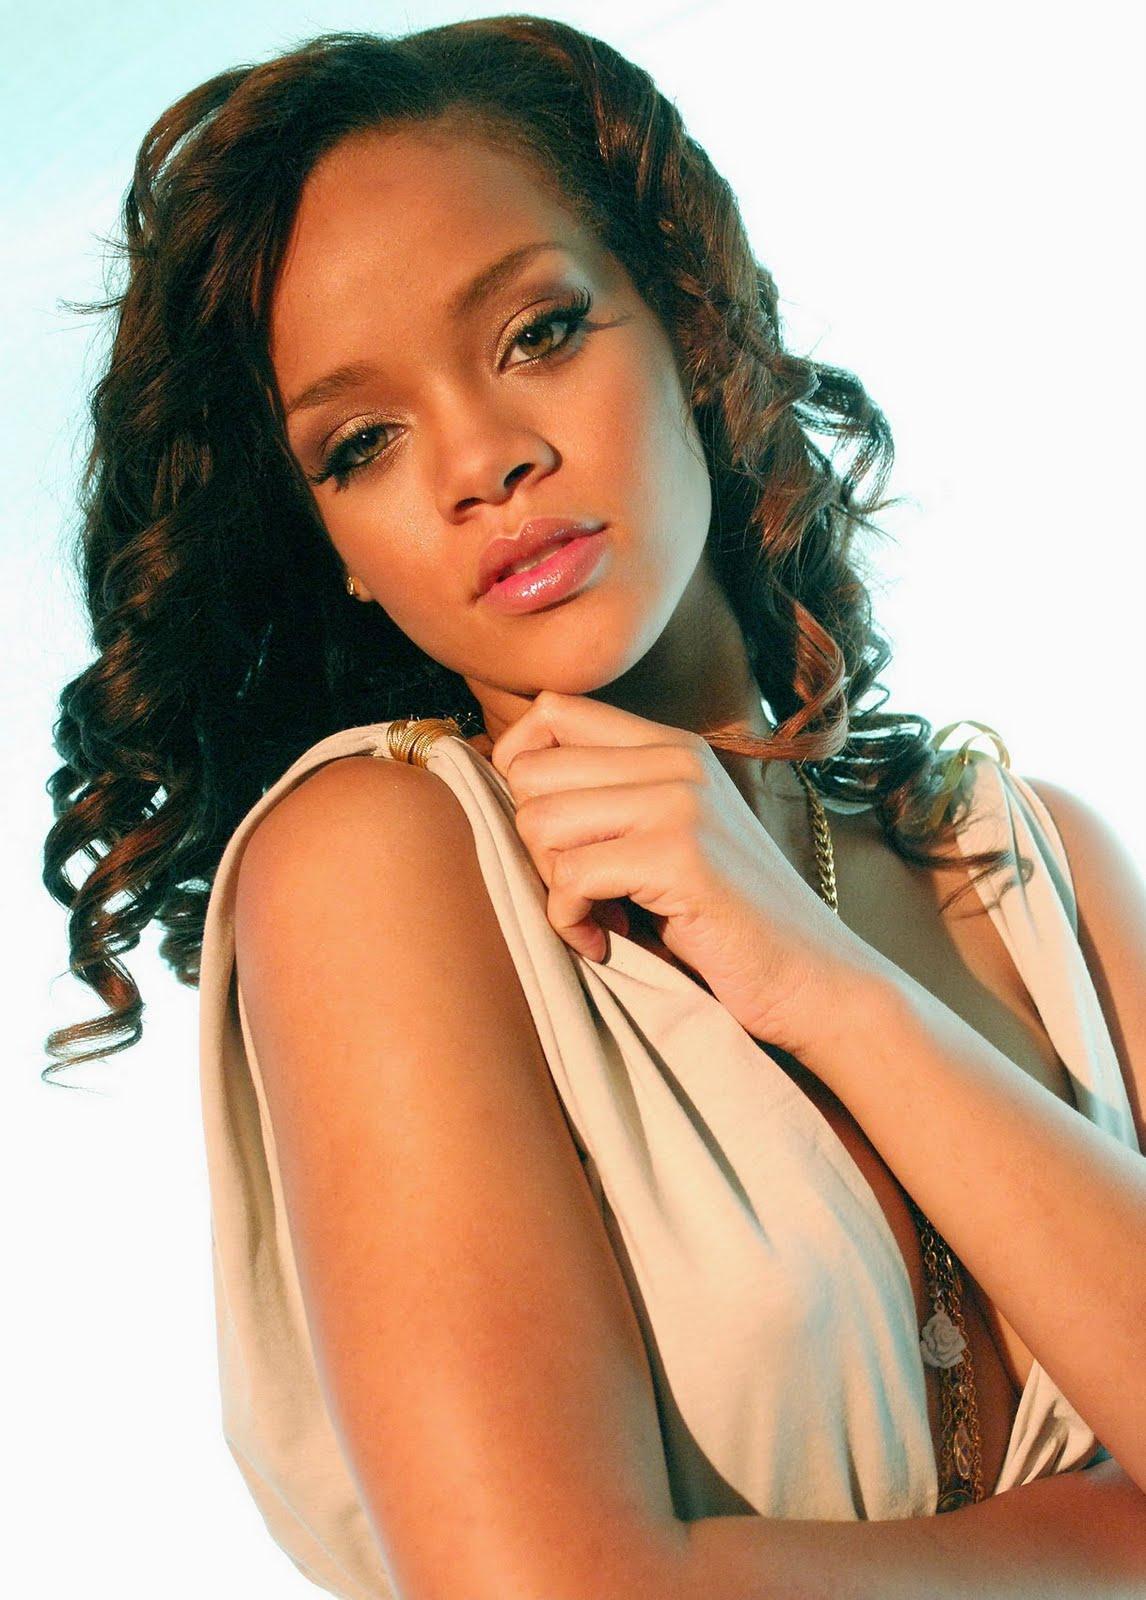 Rihanna Sexy Fashion Photo Shoot by Rob Verhorst